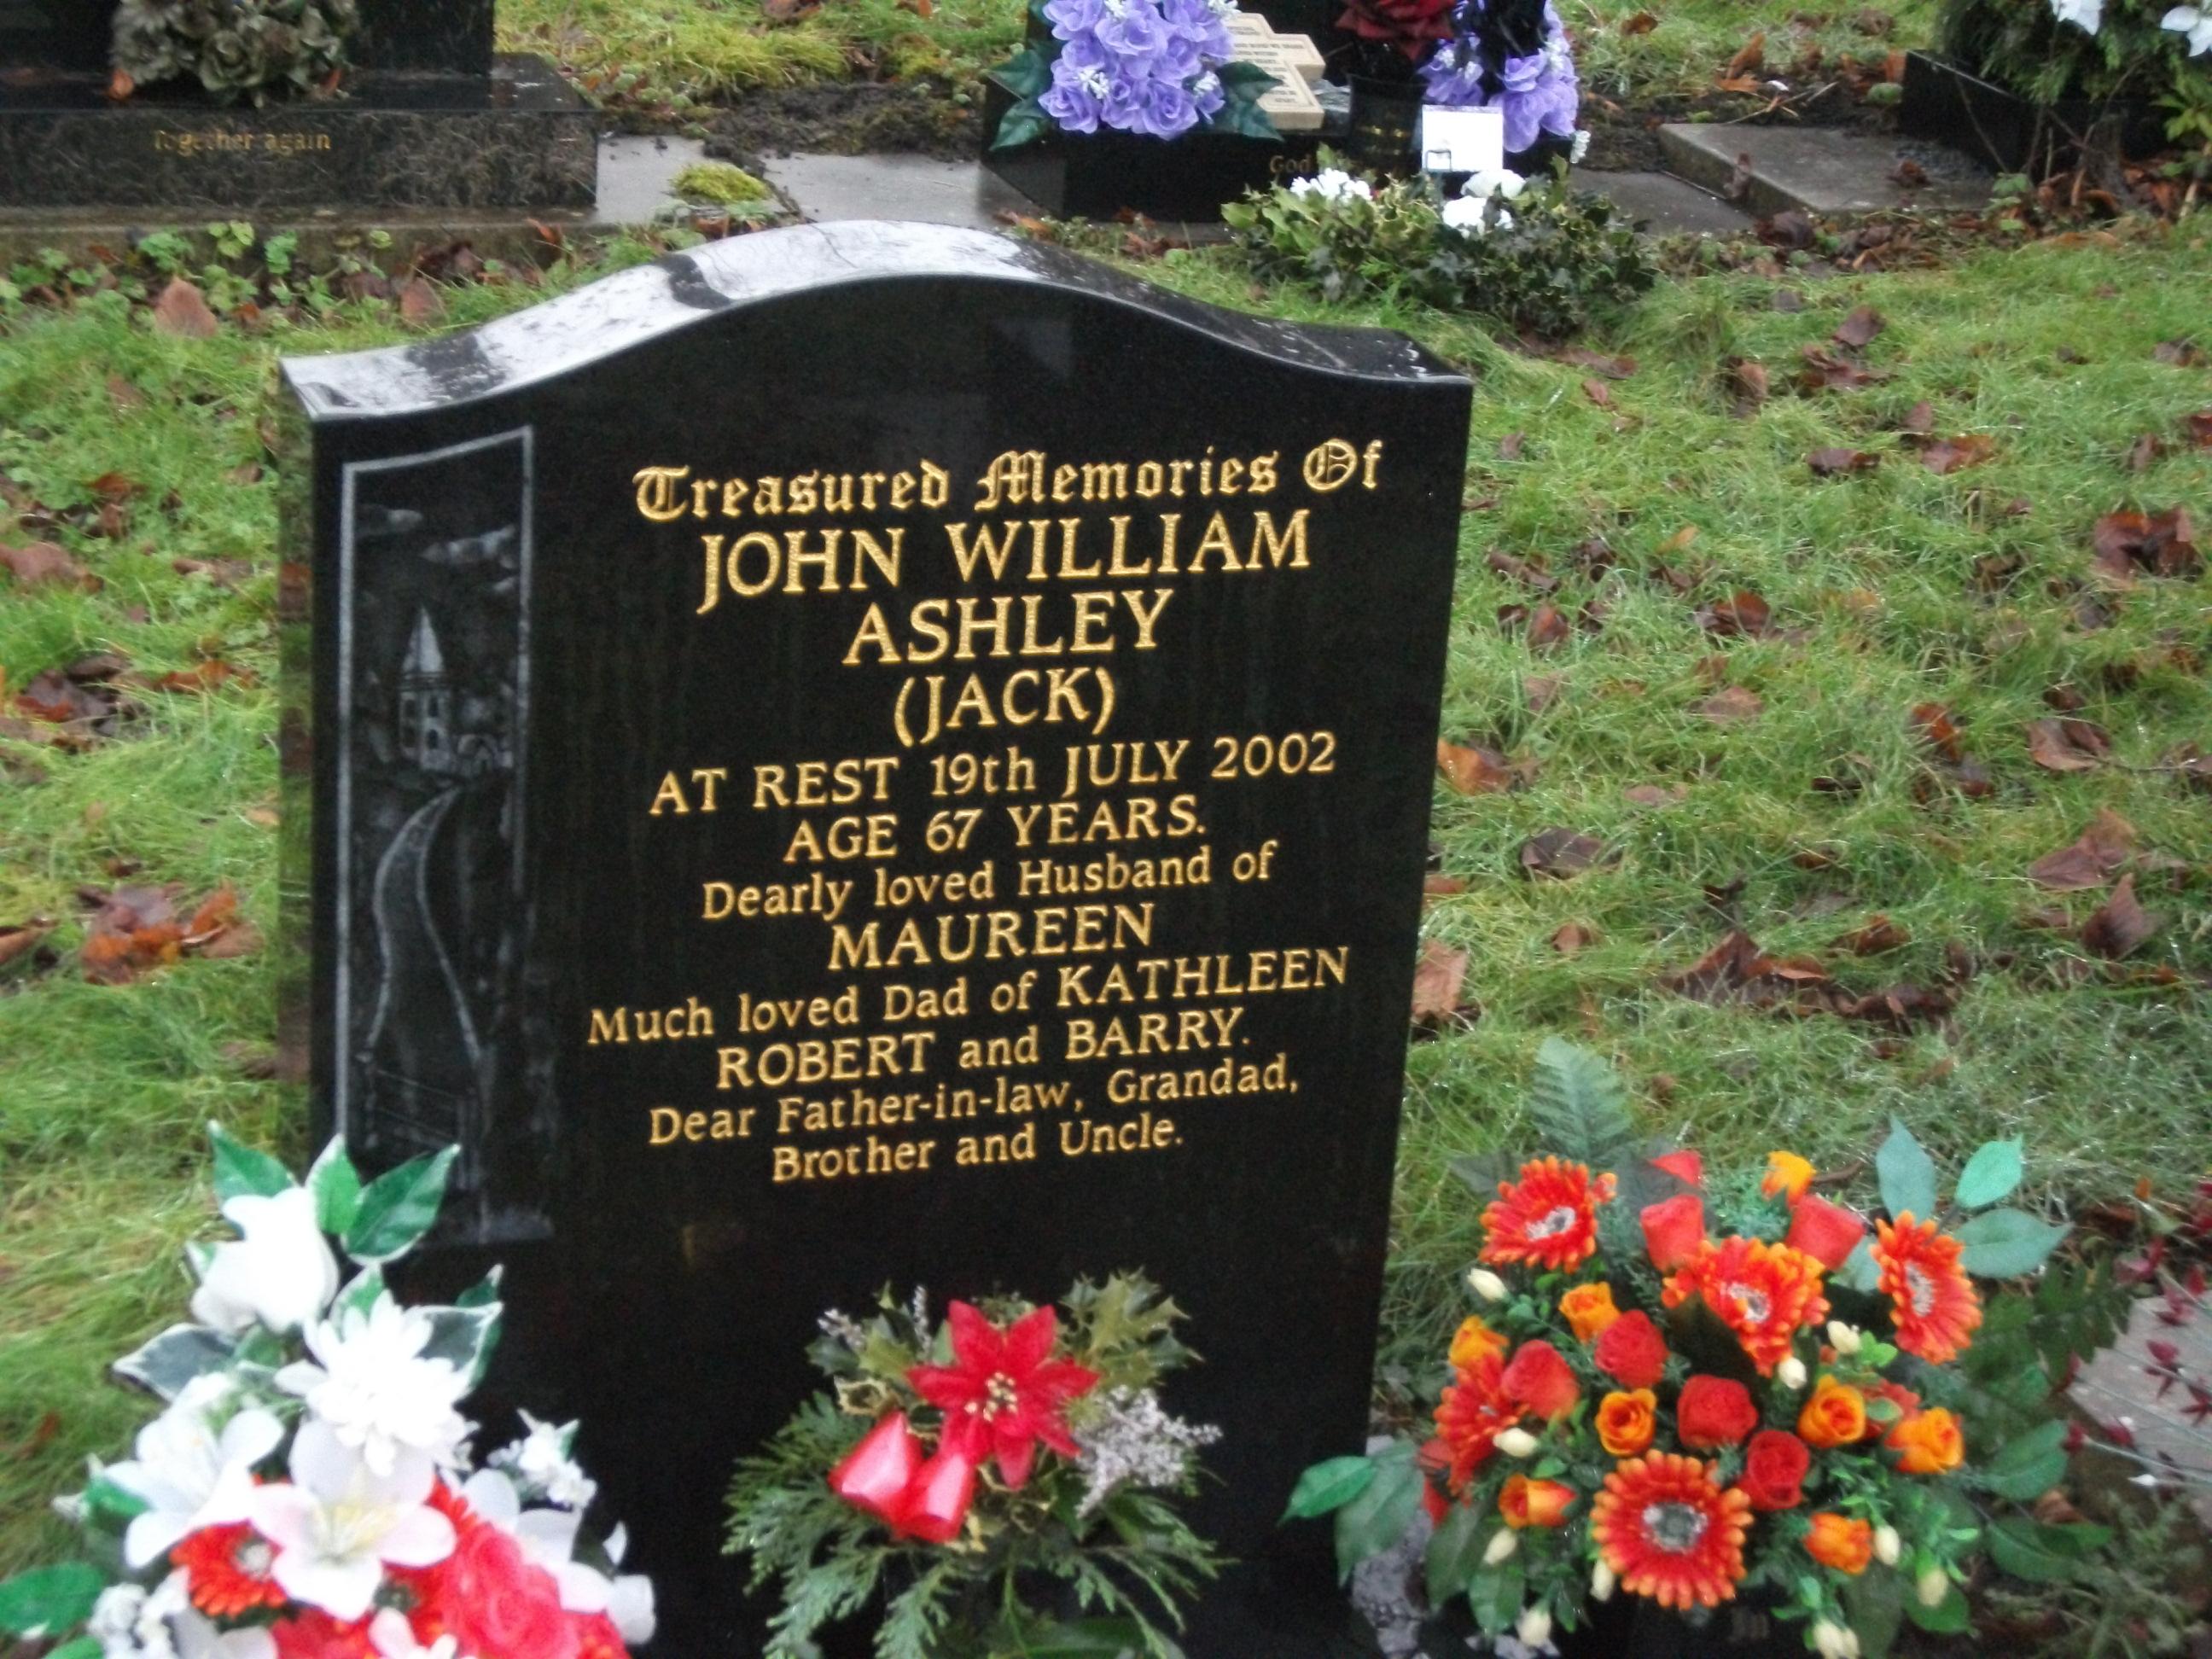 John William Ashley (Jack)